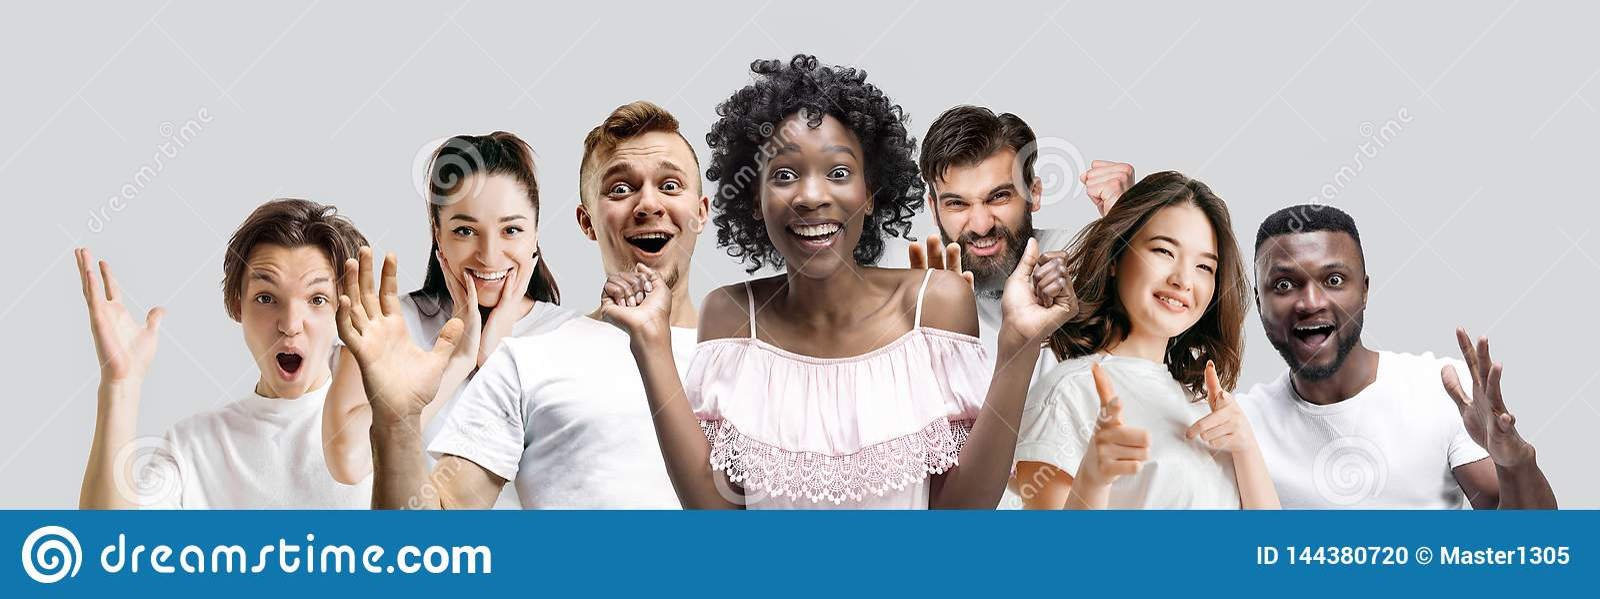 De collage van gezichten van verraste mensen op witte achtergronden